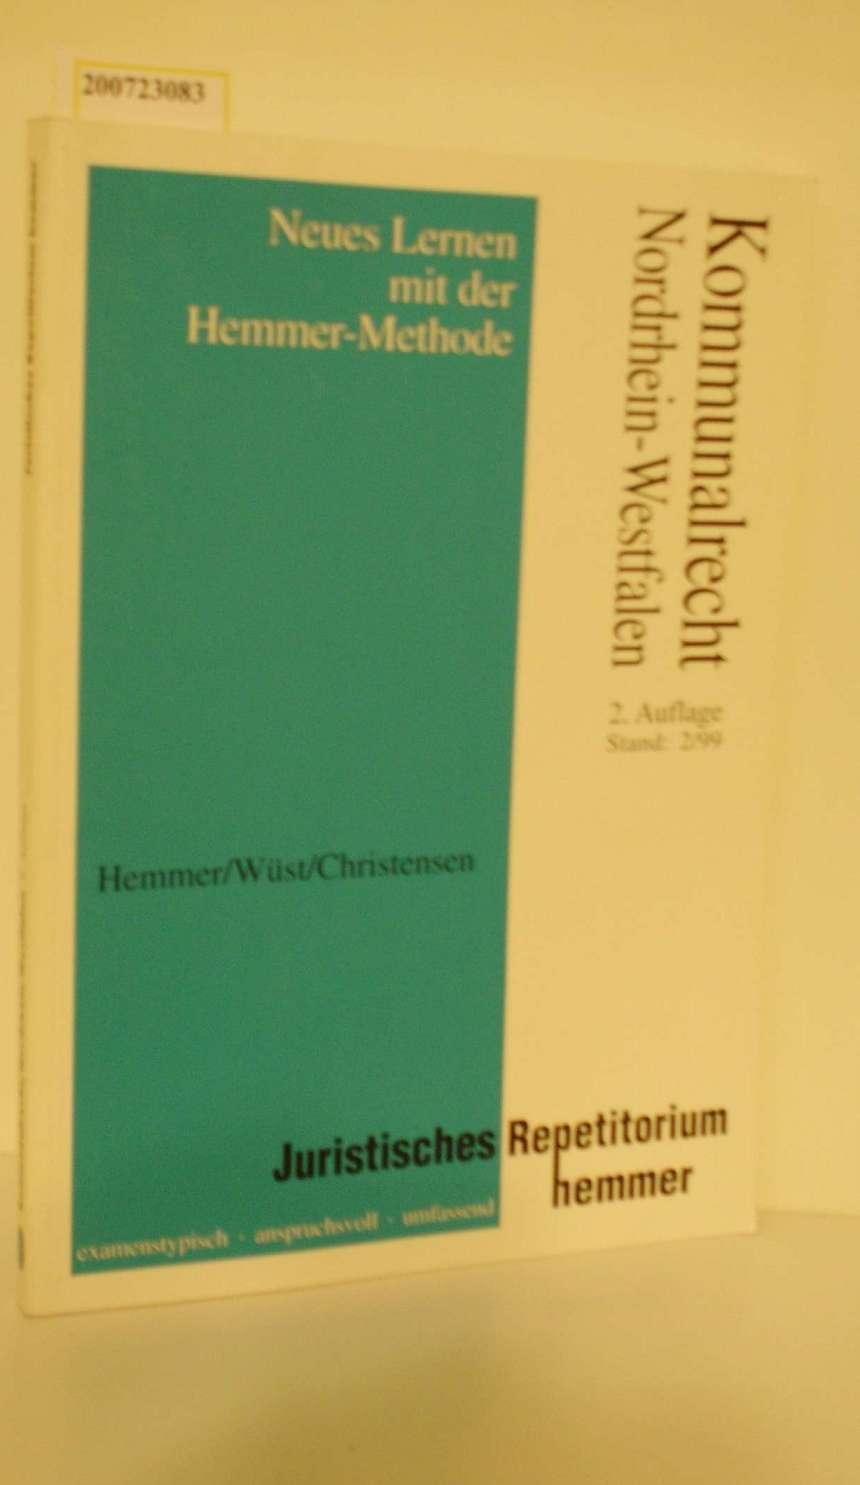 Juristisches Repetitorium Hemmer Kommunalrecht Nordrhein-Westfalen